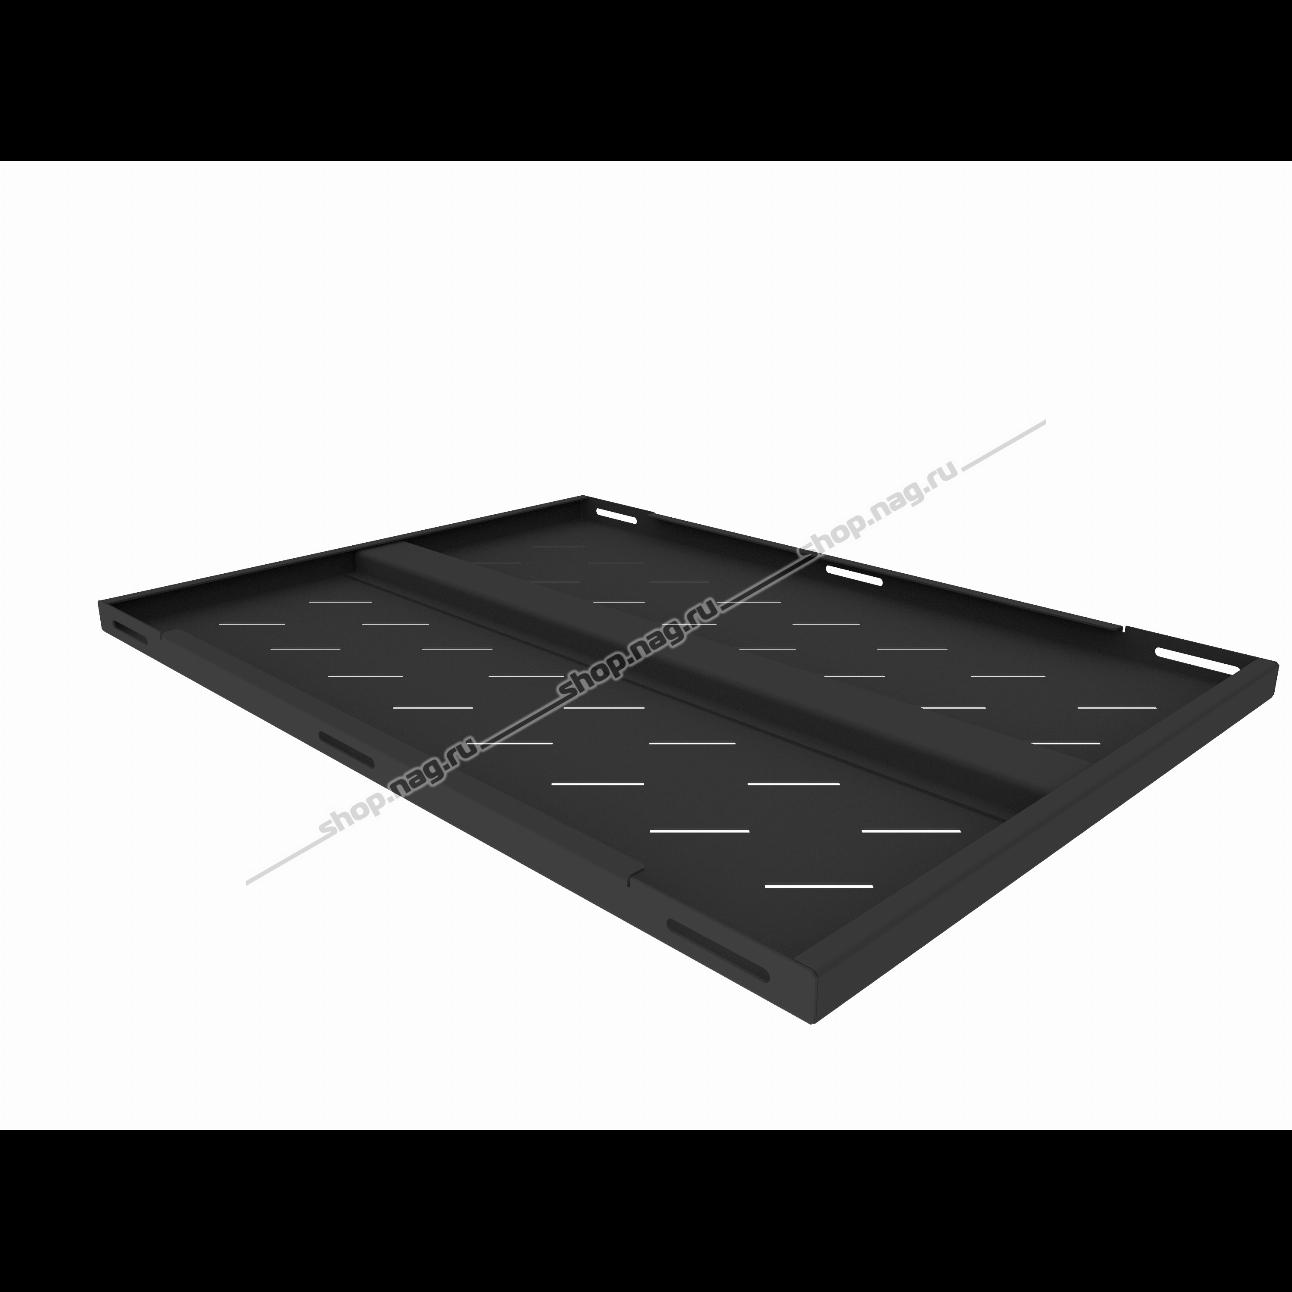 Полка стационарная усиленная для шкафов глубиной 900мм, (глубина полки 650мм) распределенная нагрузка 120кг, цвет-черный (SNR-SHELF-09065-120B)